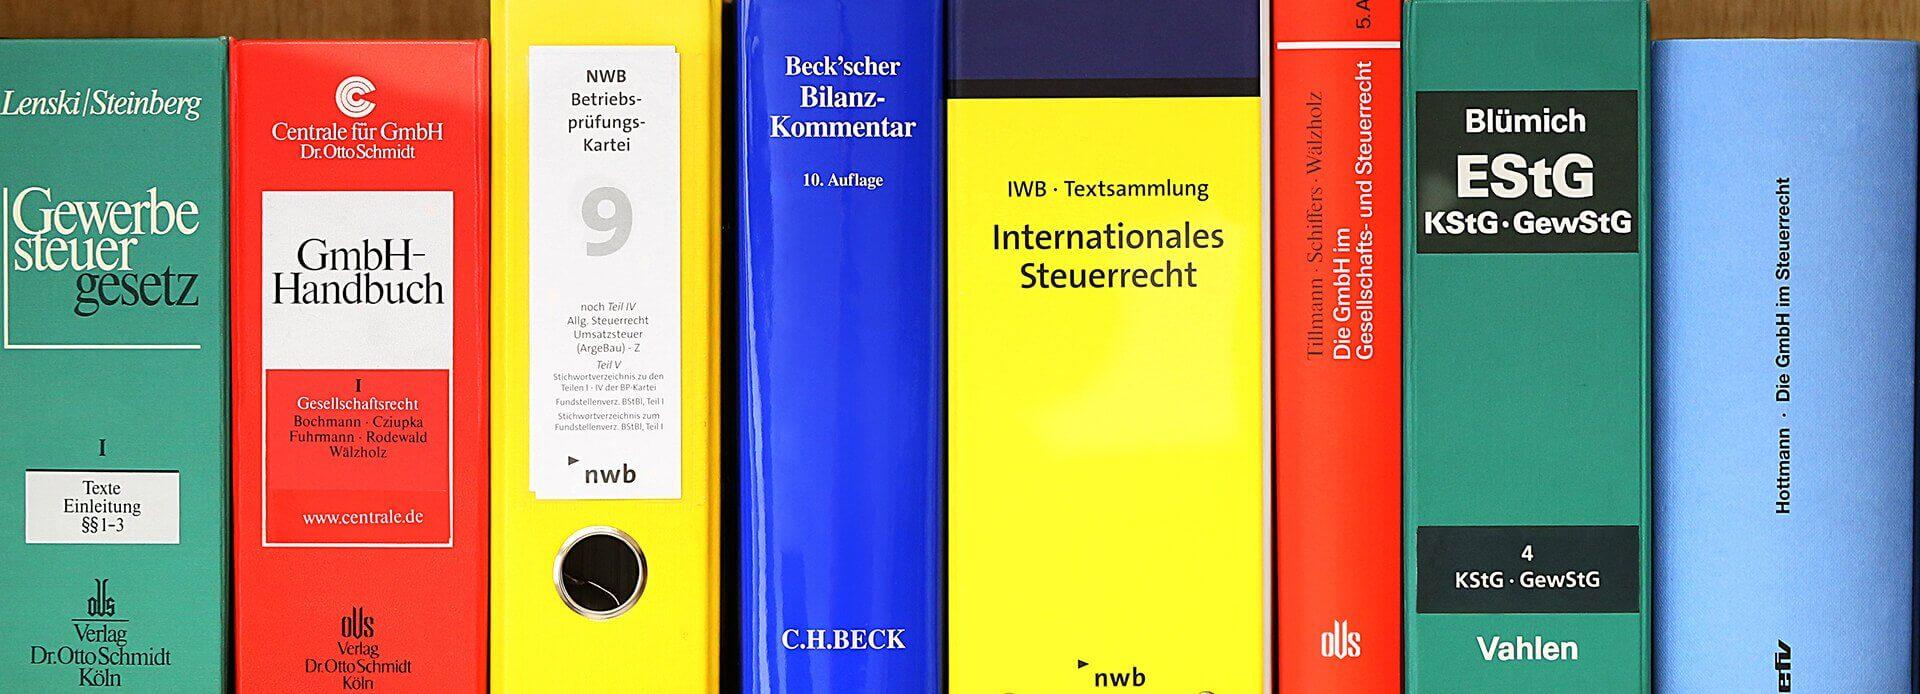 Wirtschaftsprüfungen Essen Steuerberater Bibliothek bei Bedenbecker & Berg